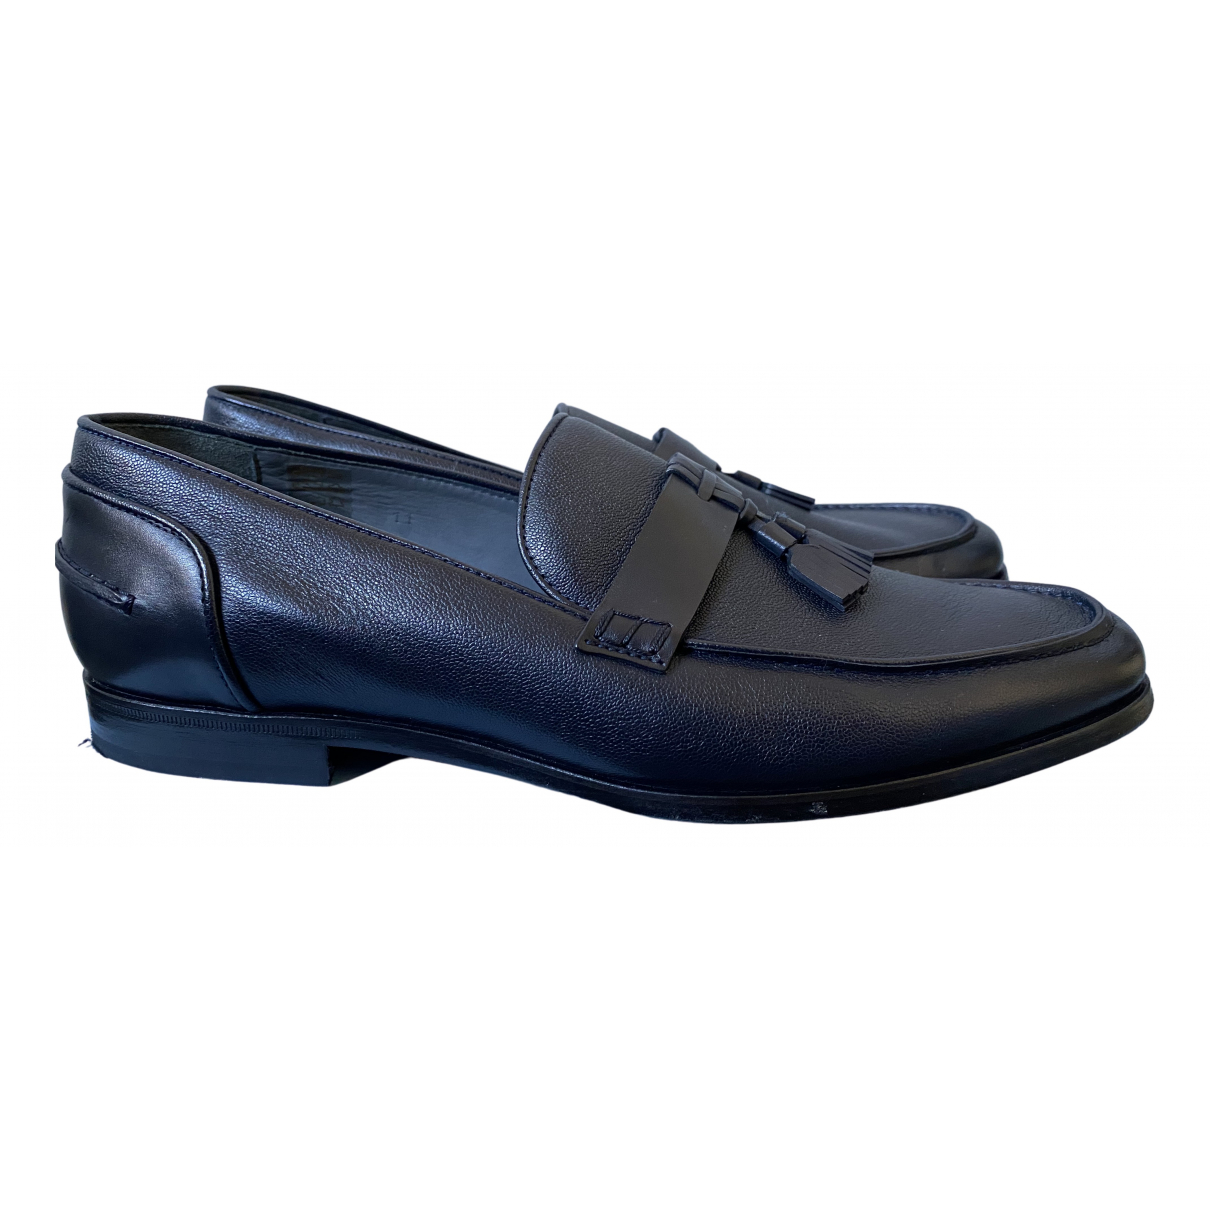 Lanvin \N Blue Leather Flats for Men 11 US